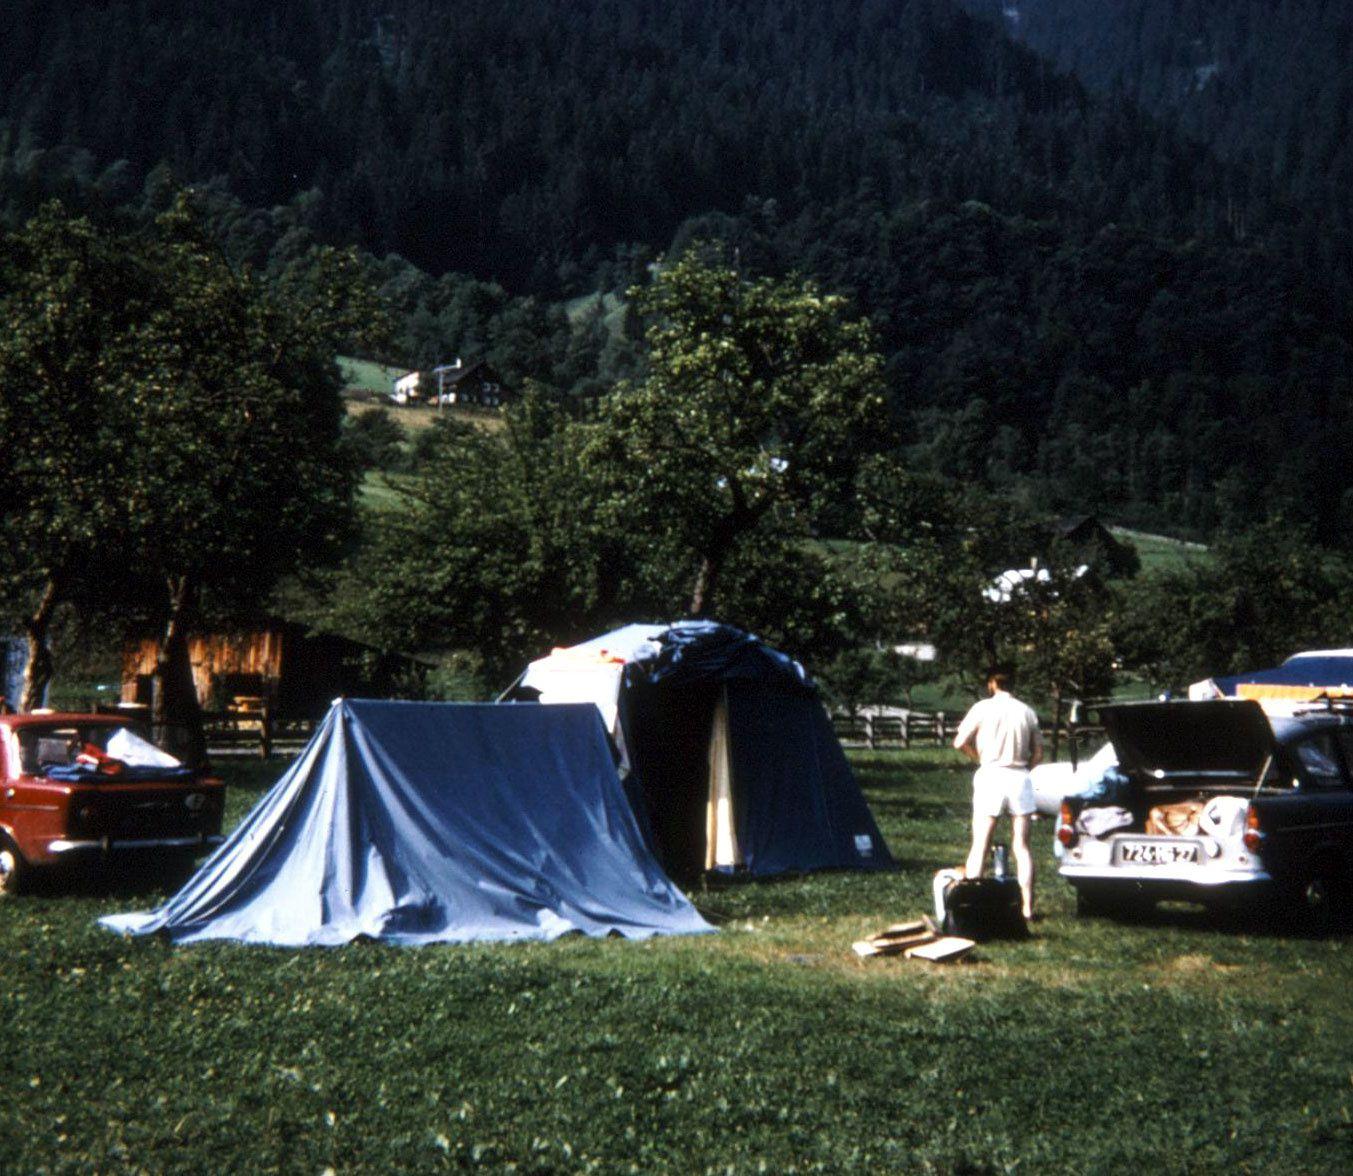 Notre campement à Dalaas, le lendemain matin avant de repartir pour la 2ème étape...